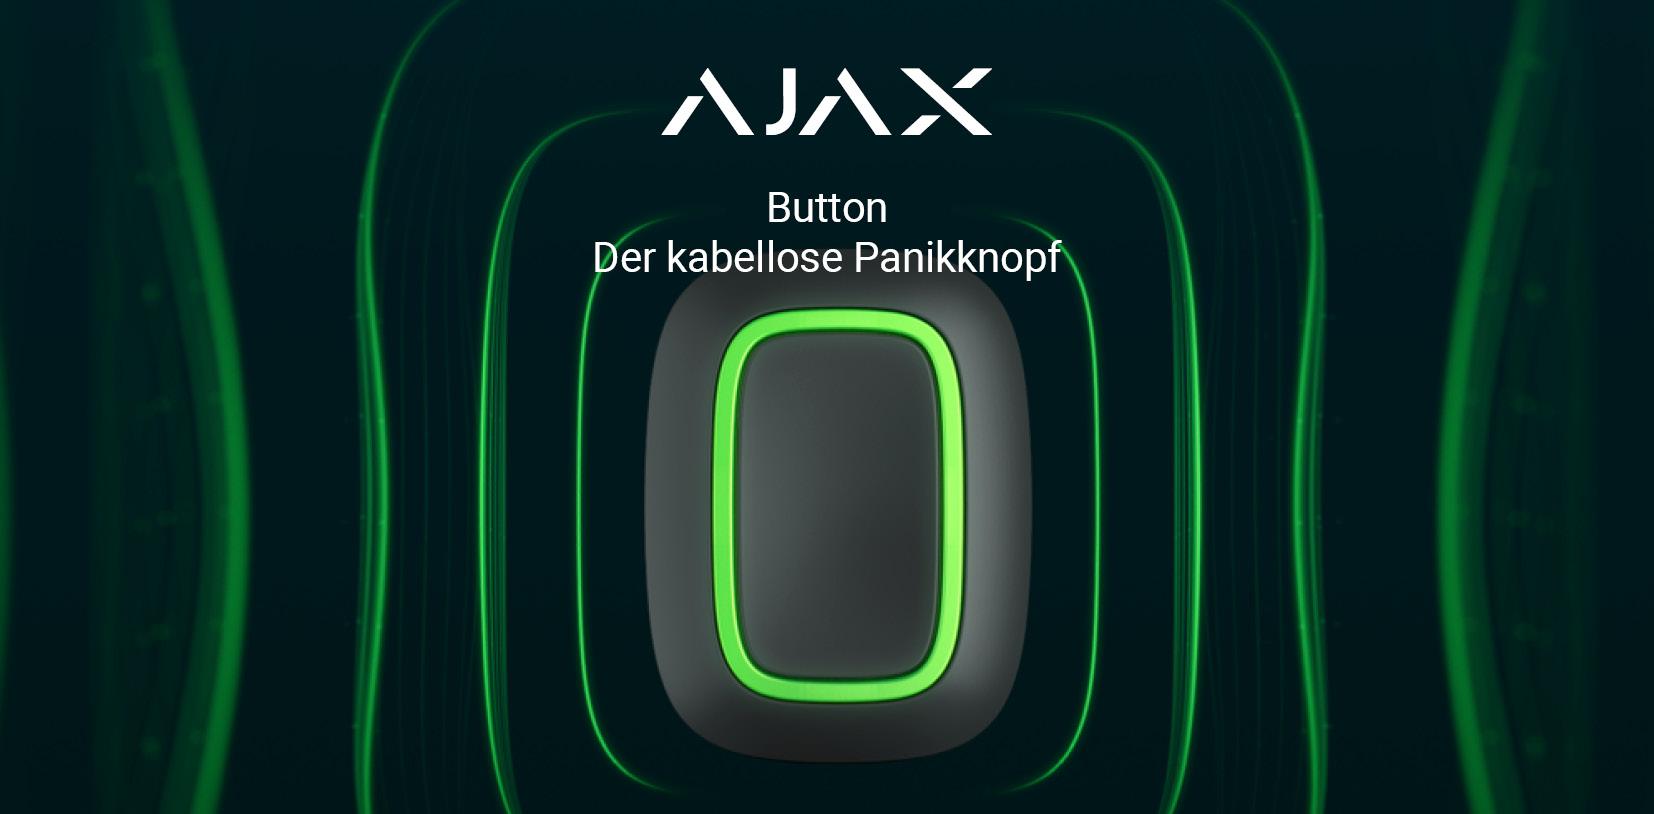 ajax_button_panikknopf